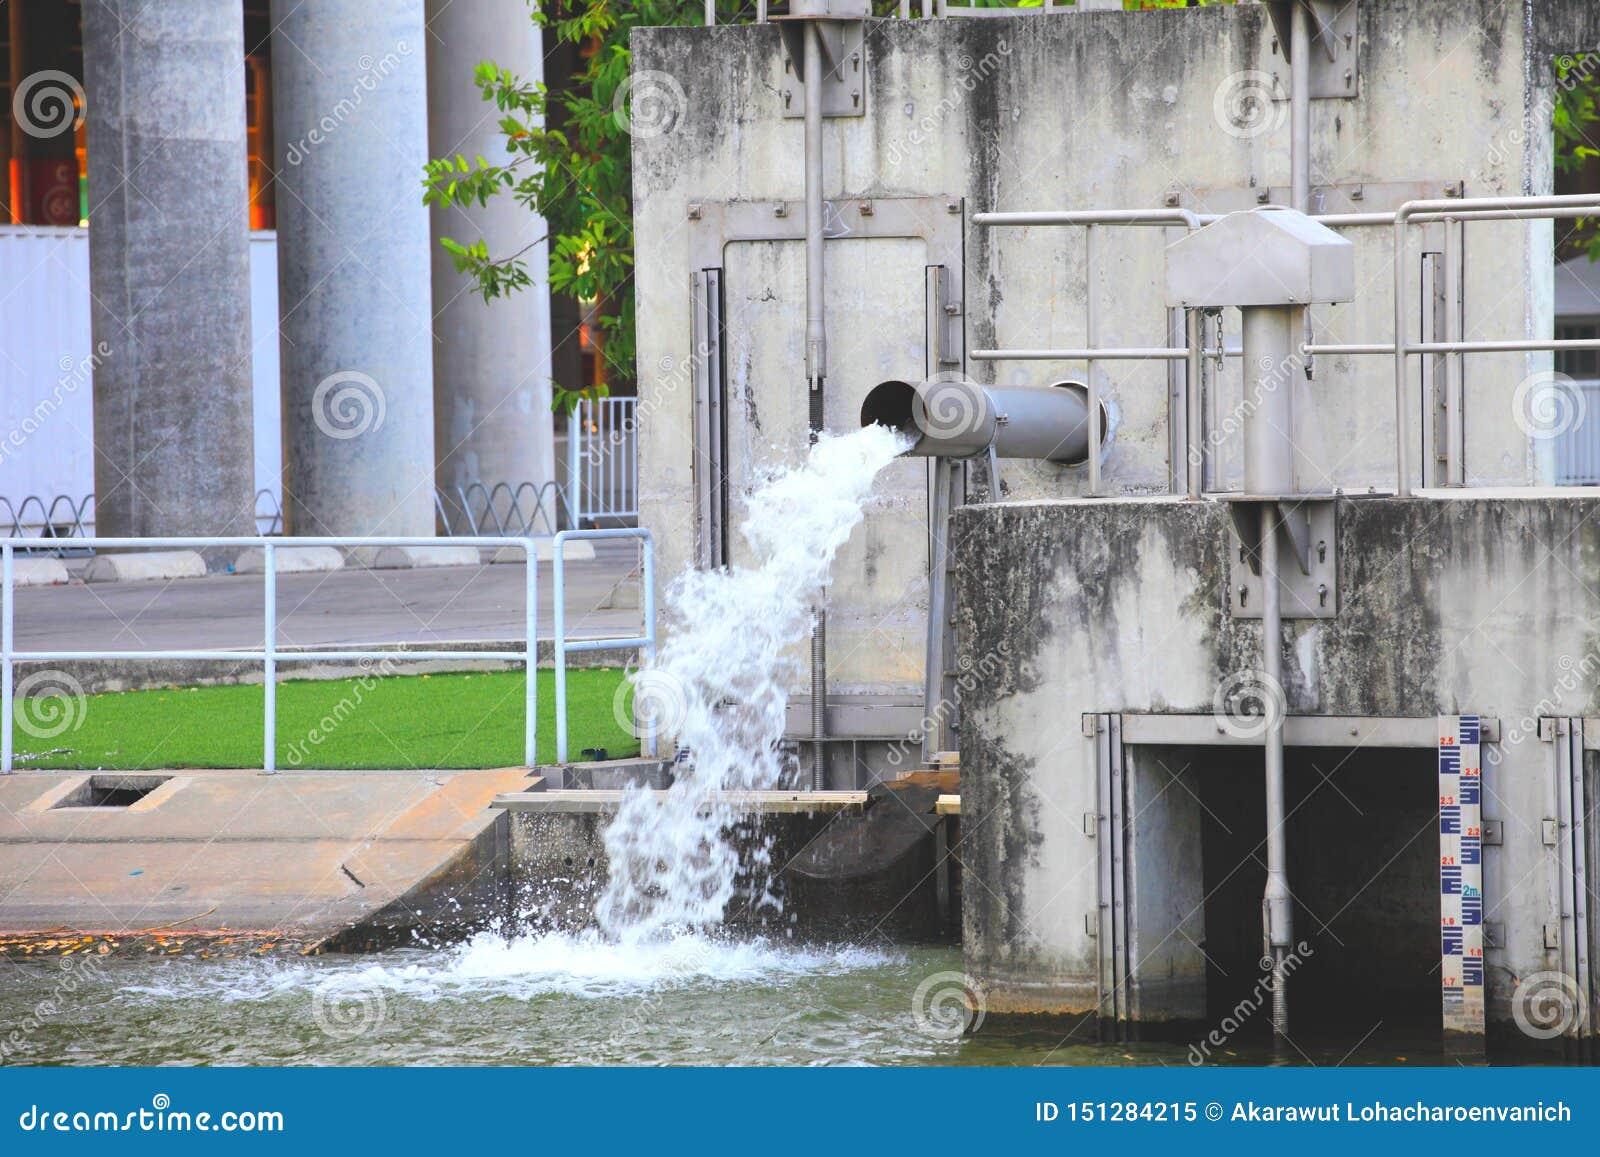 Traitement des eaux usées et système de réutilisation pour l usine et le programme de contamination et environnemental industriel